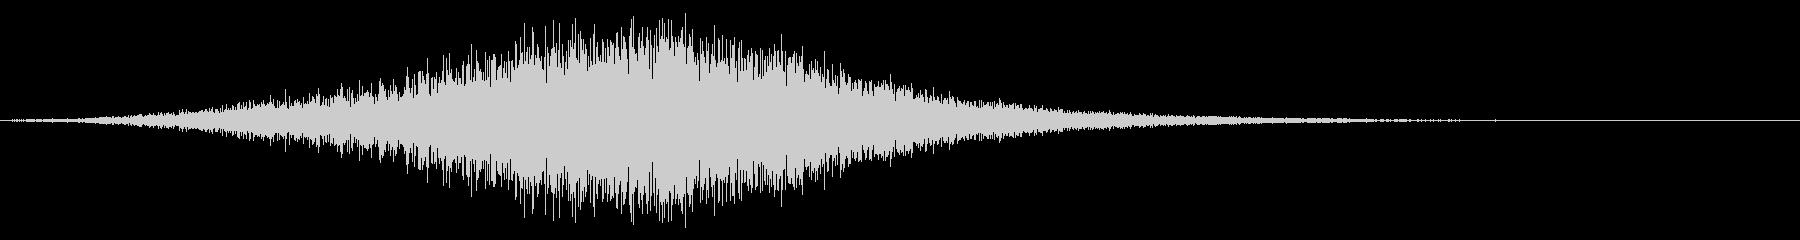 スピーディーで伸びやかな効果音の未再生の波形